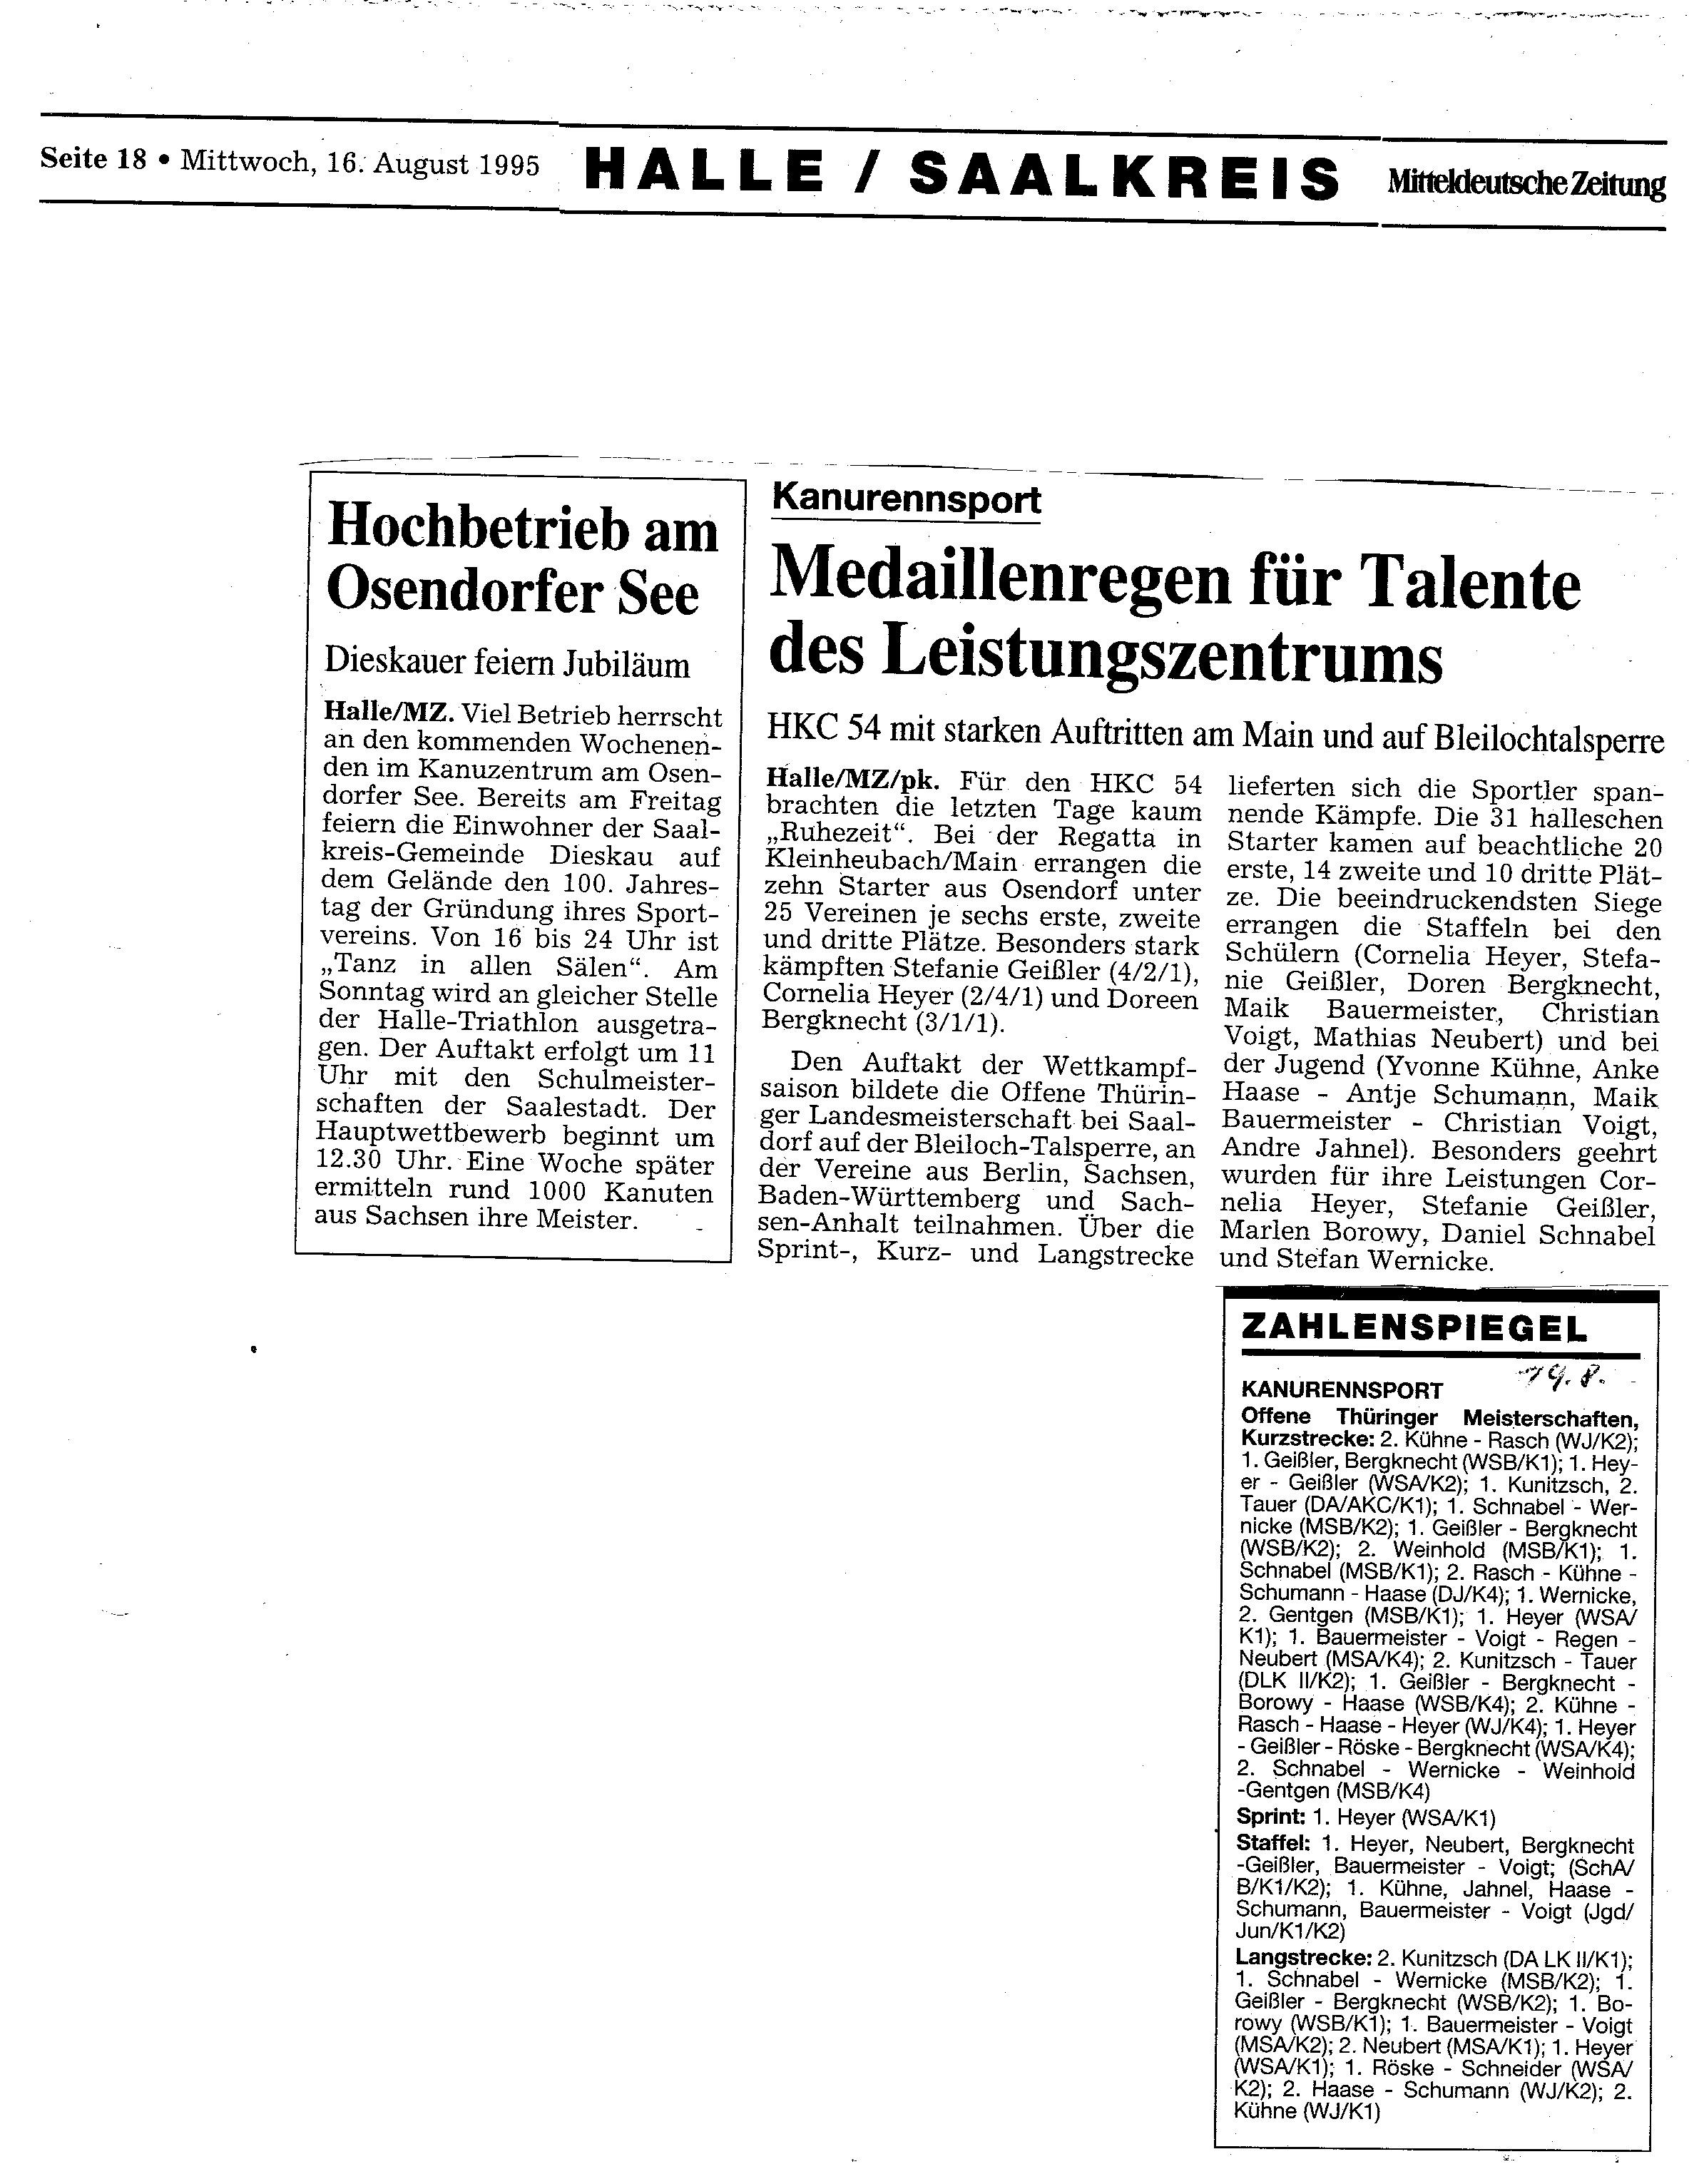 1995-08-16 MZ Hochbetrieb am Osendorfer See, Medaillenregen für Talente des Leistungszentrums